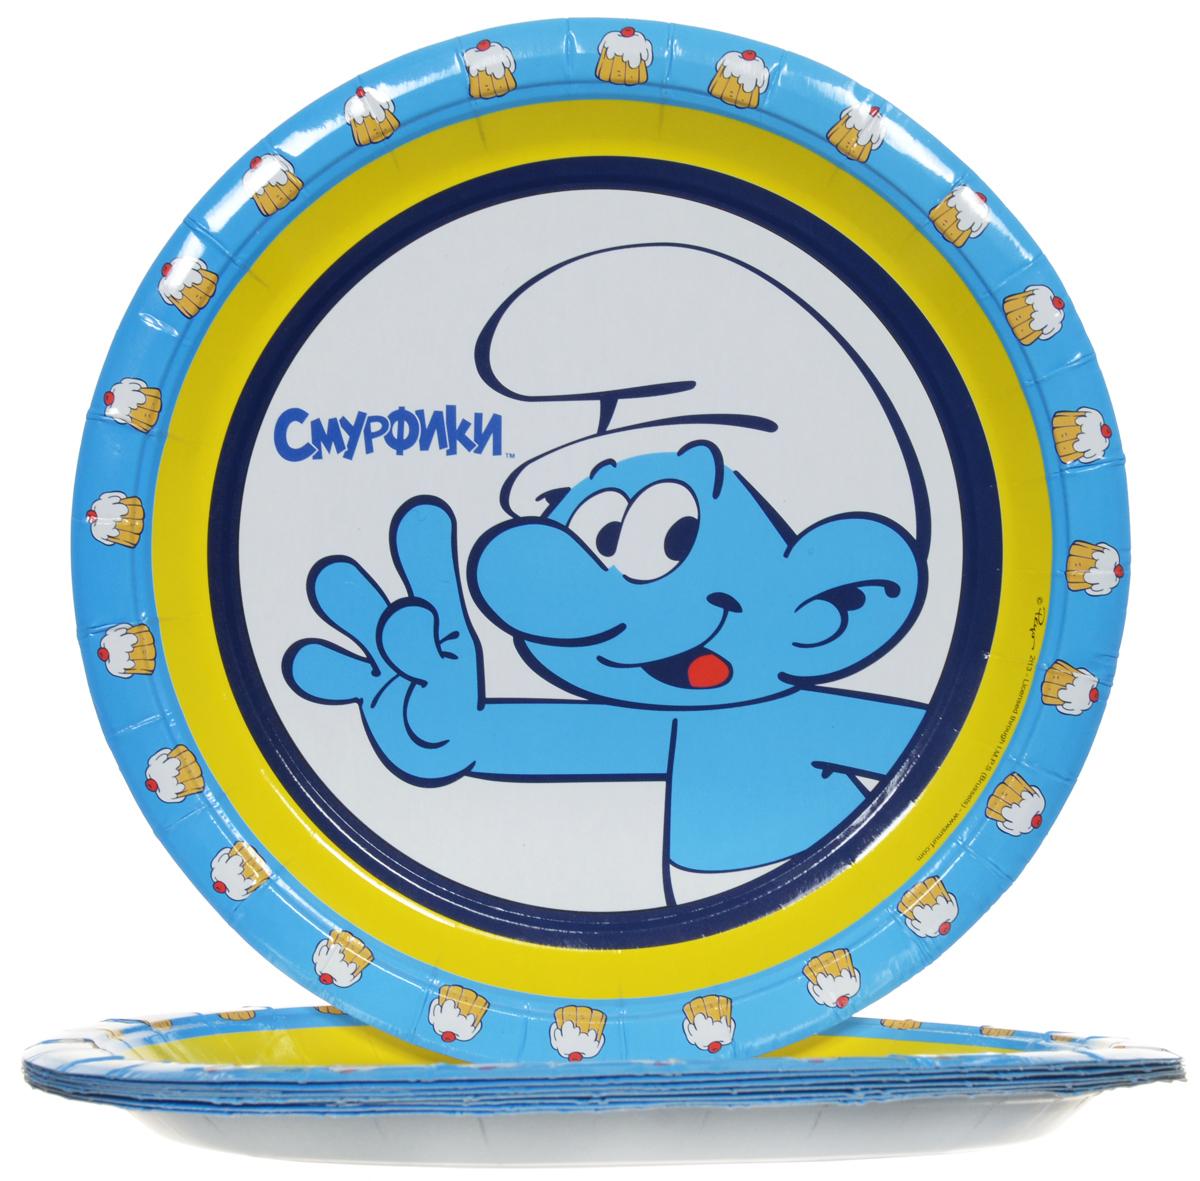 Смурфики Набор одноразовых тарелок цвет голубой 10 шт -  Сервировка праздничного стола